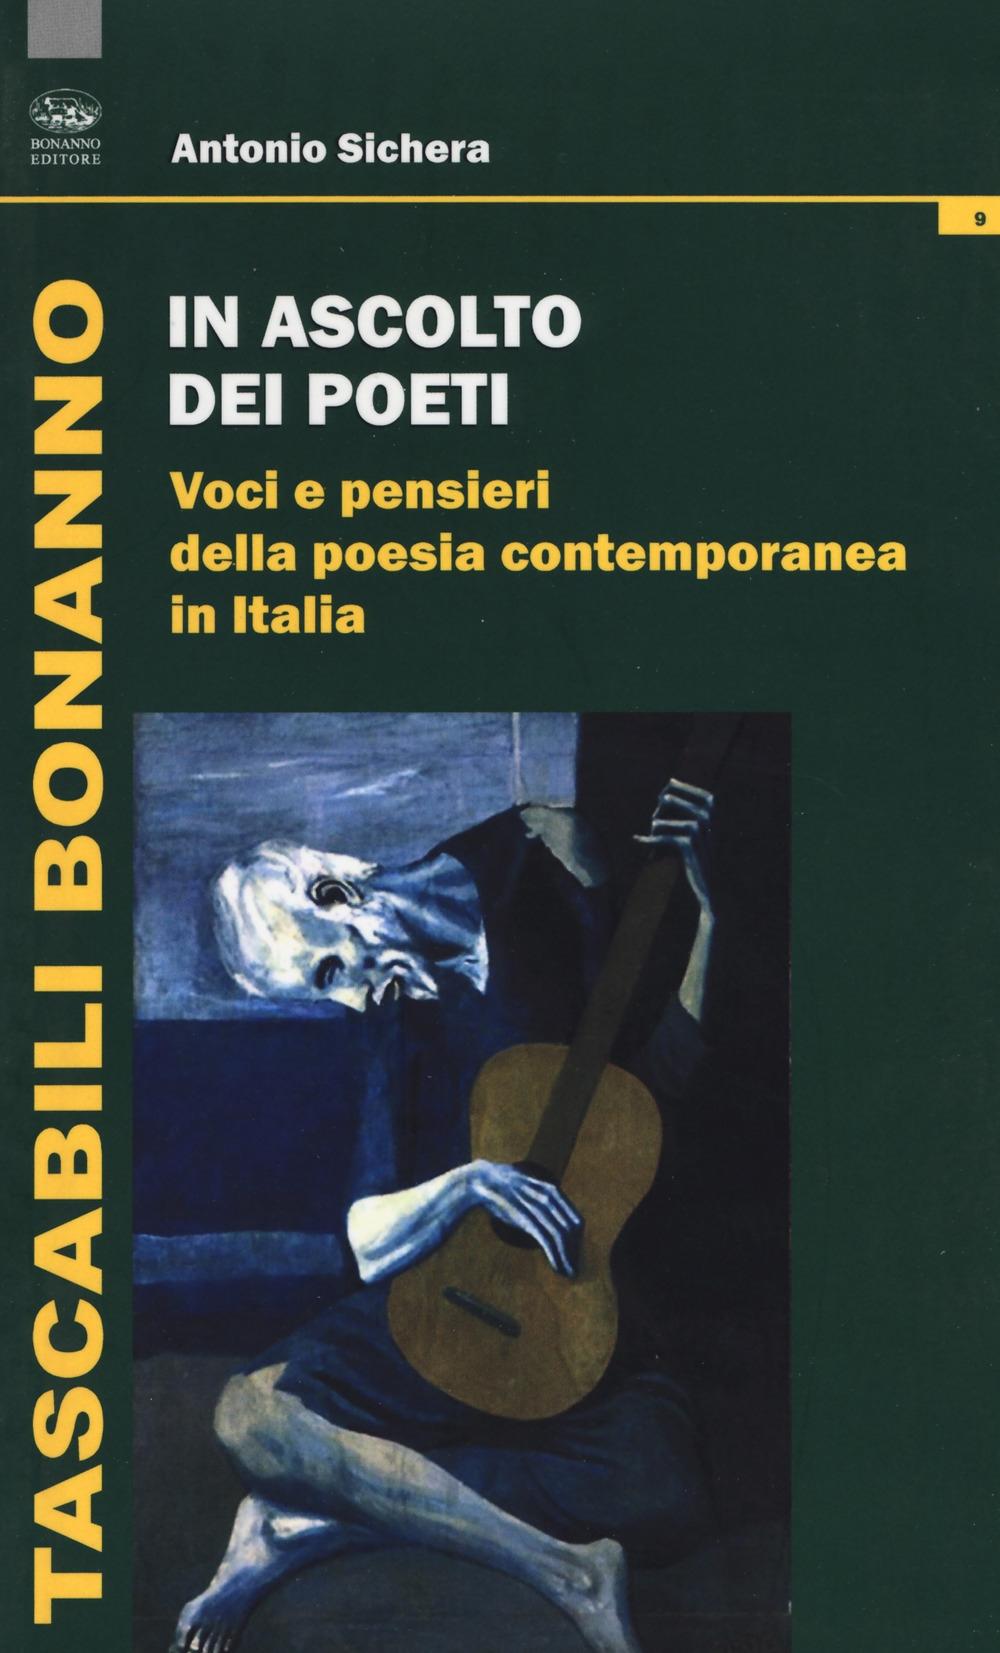 In ascolto dei poeti. Voci e pensieri della poesia contemporanea in Italia